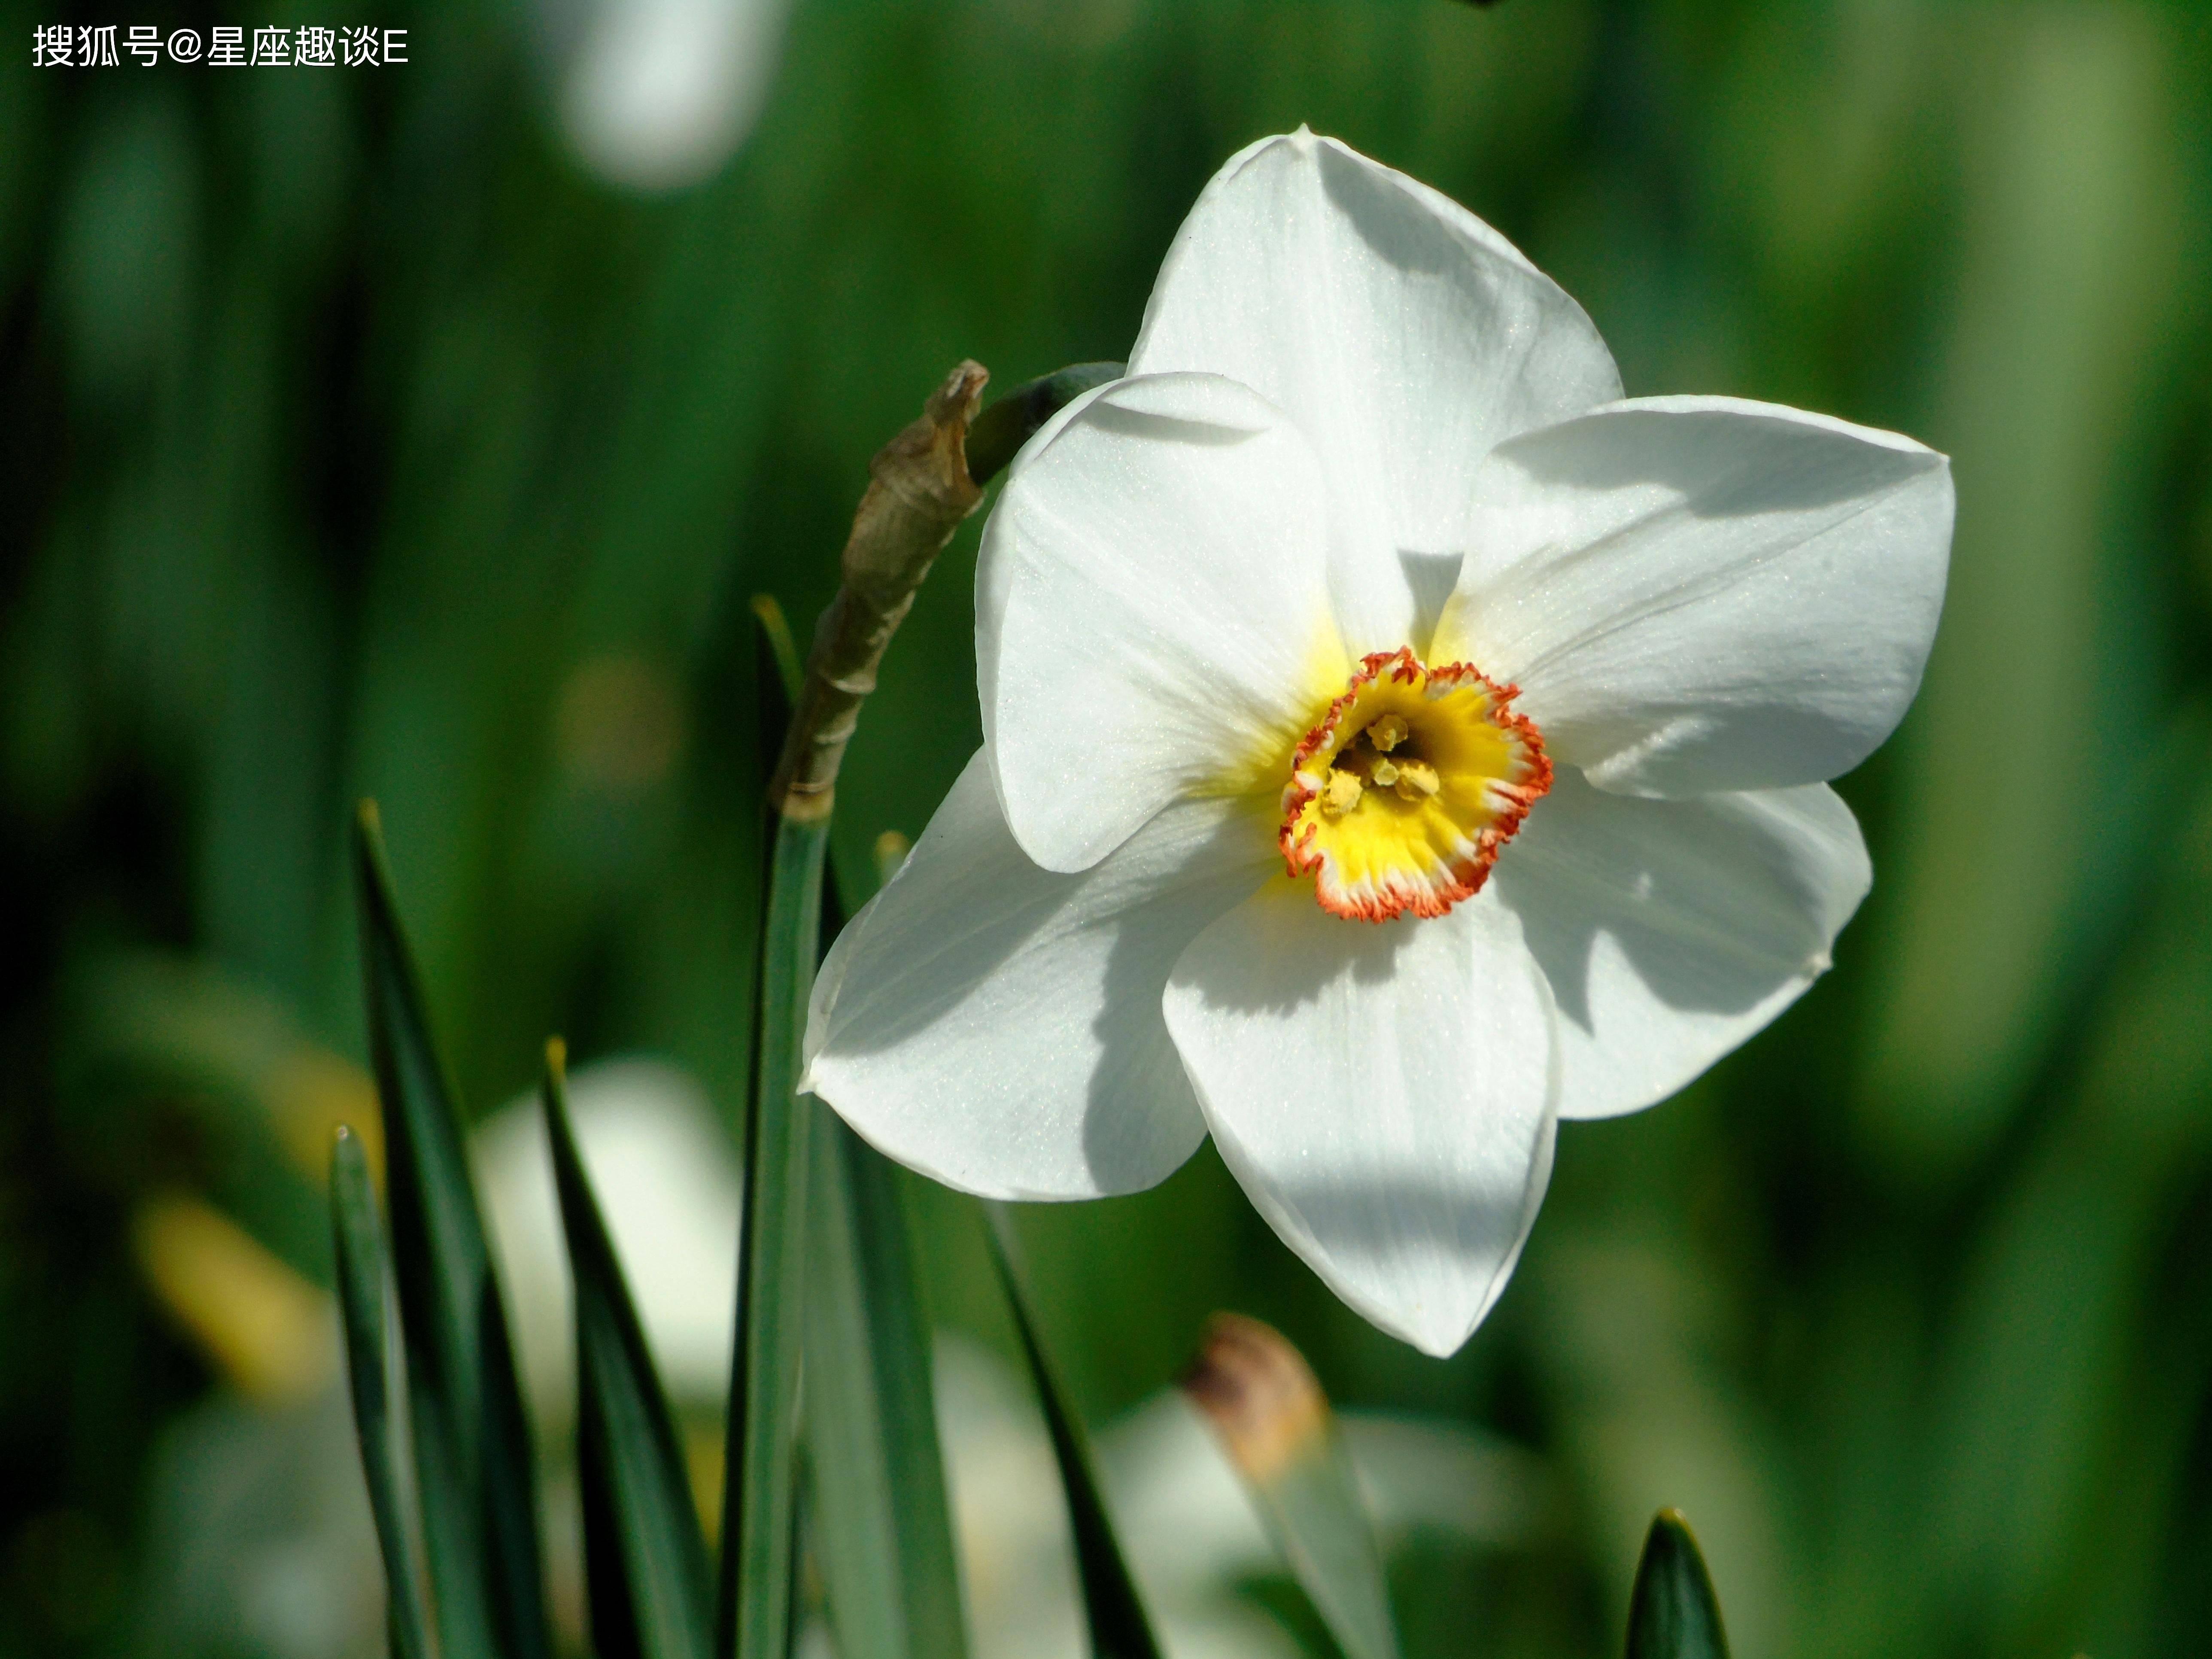 2月22日爱情运势:为爱倾心,恩爱有加的四大星座  第2张